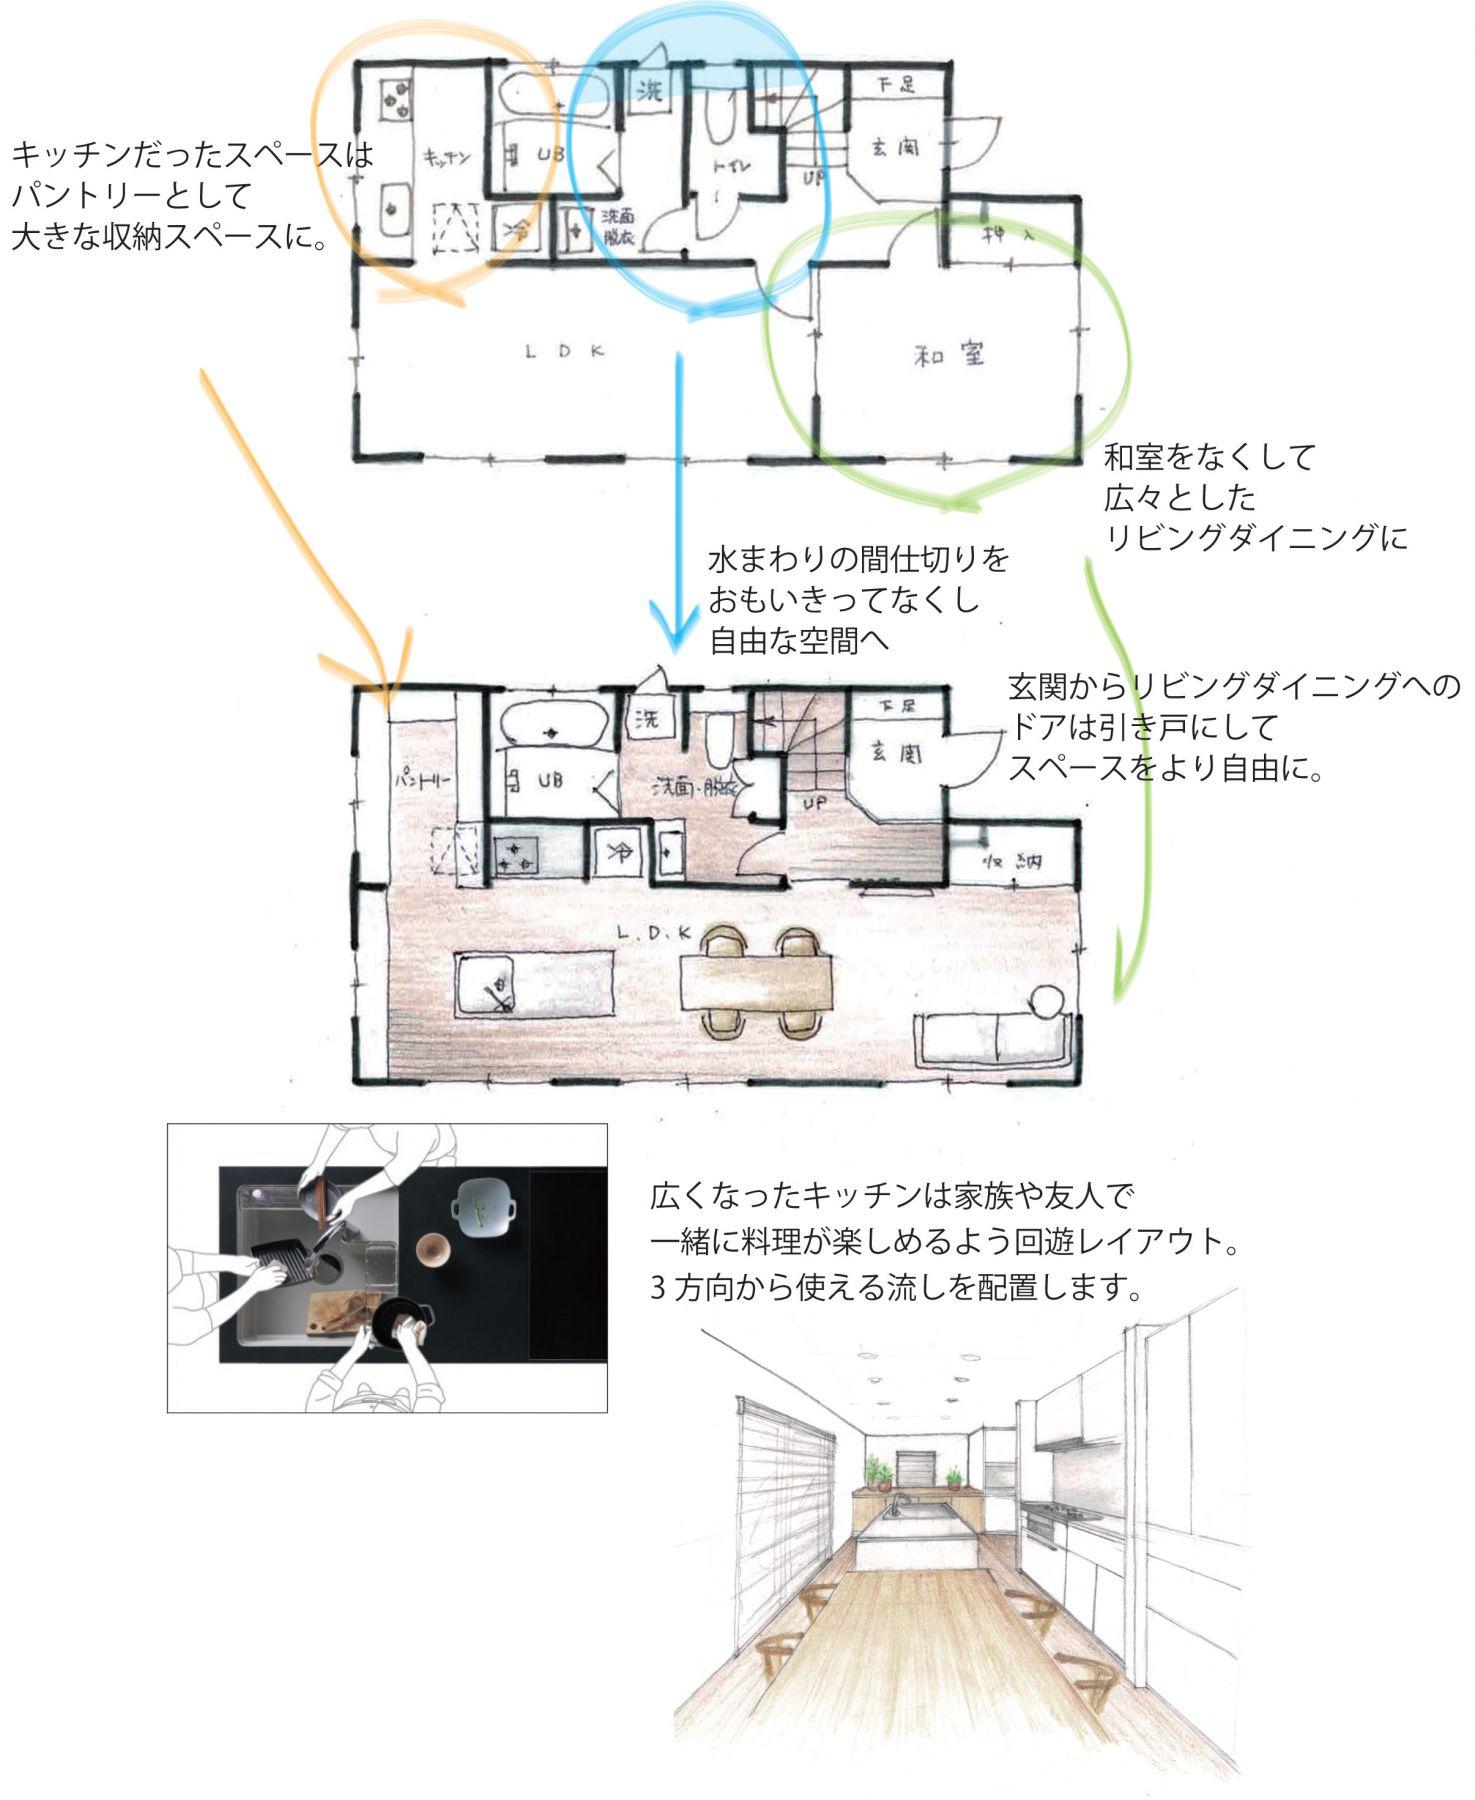 妄想リノベーション-1